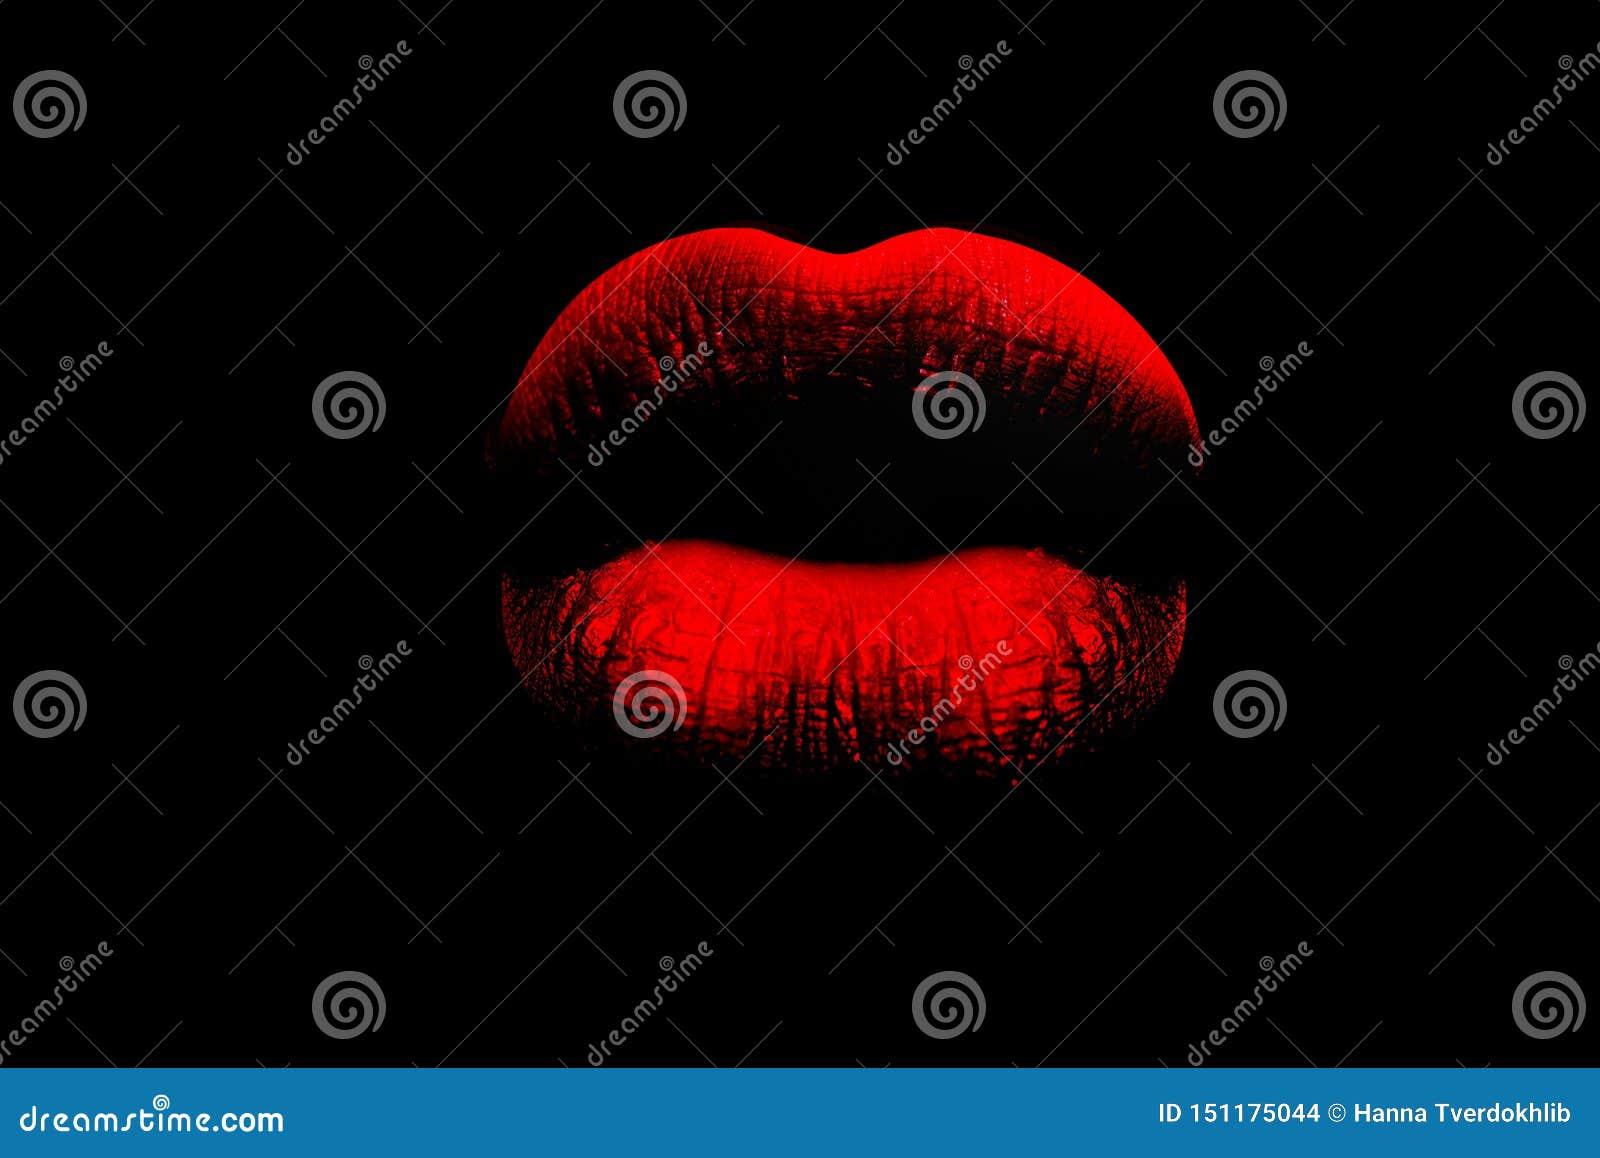 Röda fulla kanter på svart bakgrund Kvinnans kanter Frodiga kanter som en kyss Rött och truta Erotiska litteraturen könsbestämmer